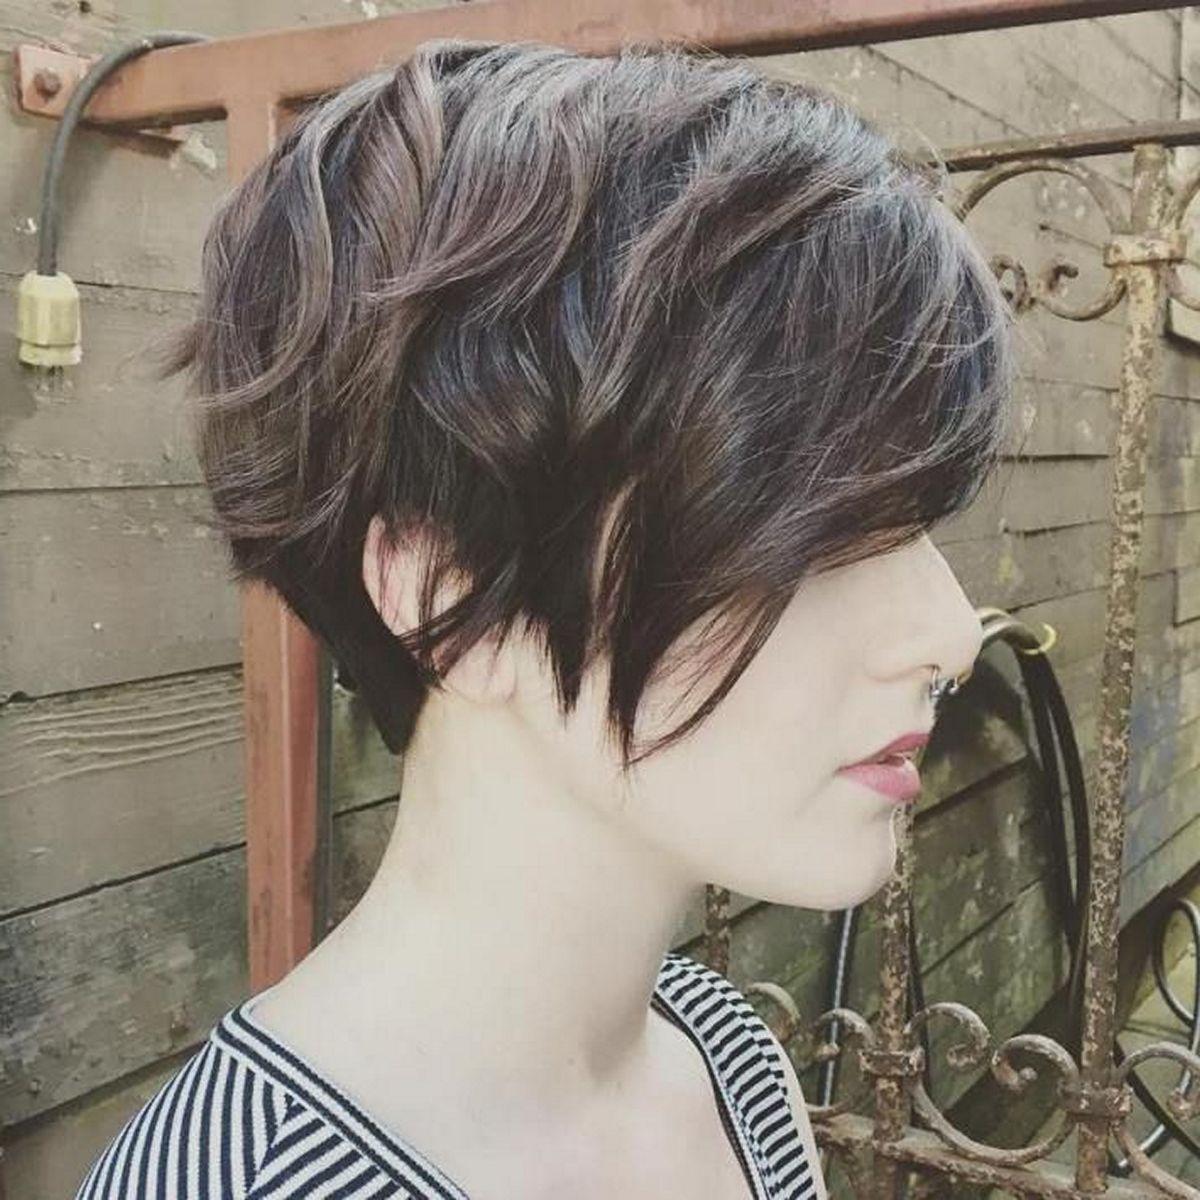 70 cute all time short pixie haircuts for women | hair